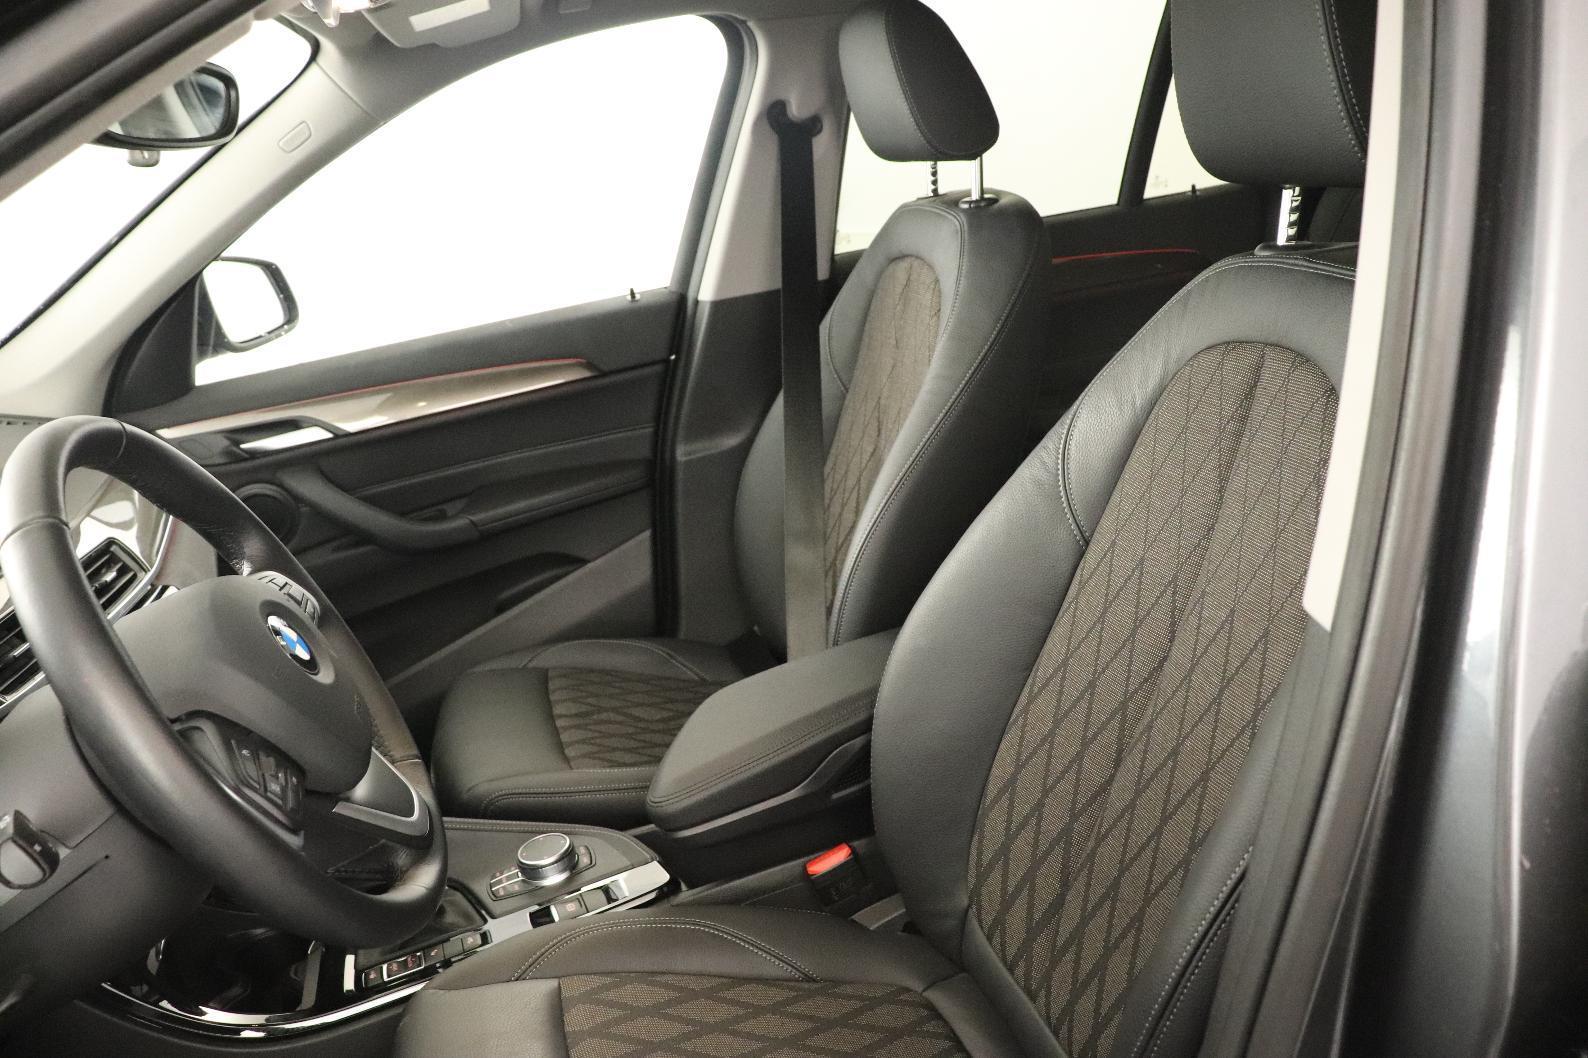 BMW X1 F48 X1 xDrive 20d 190 ch BVA8 xLine